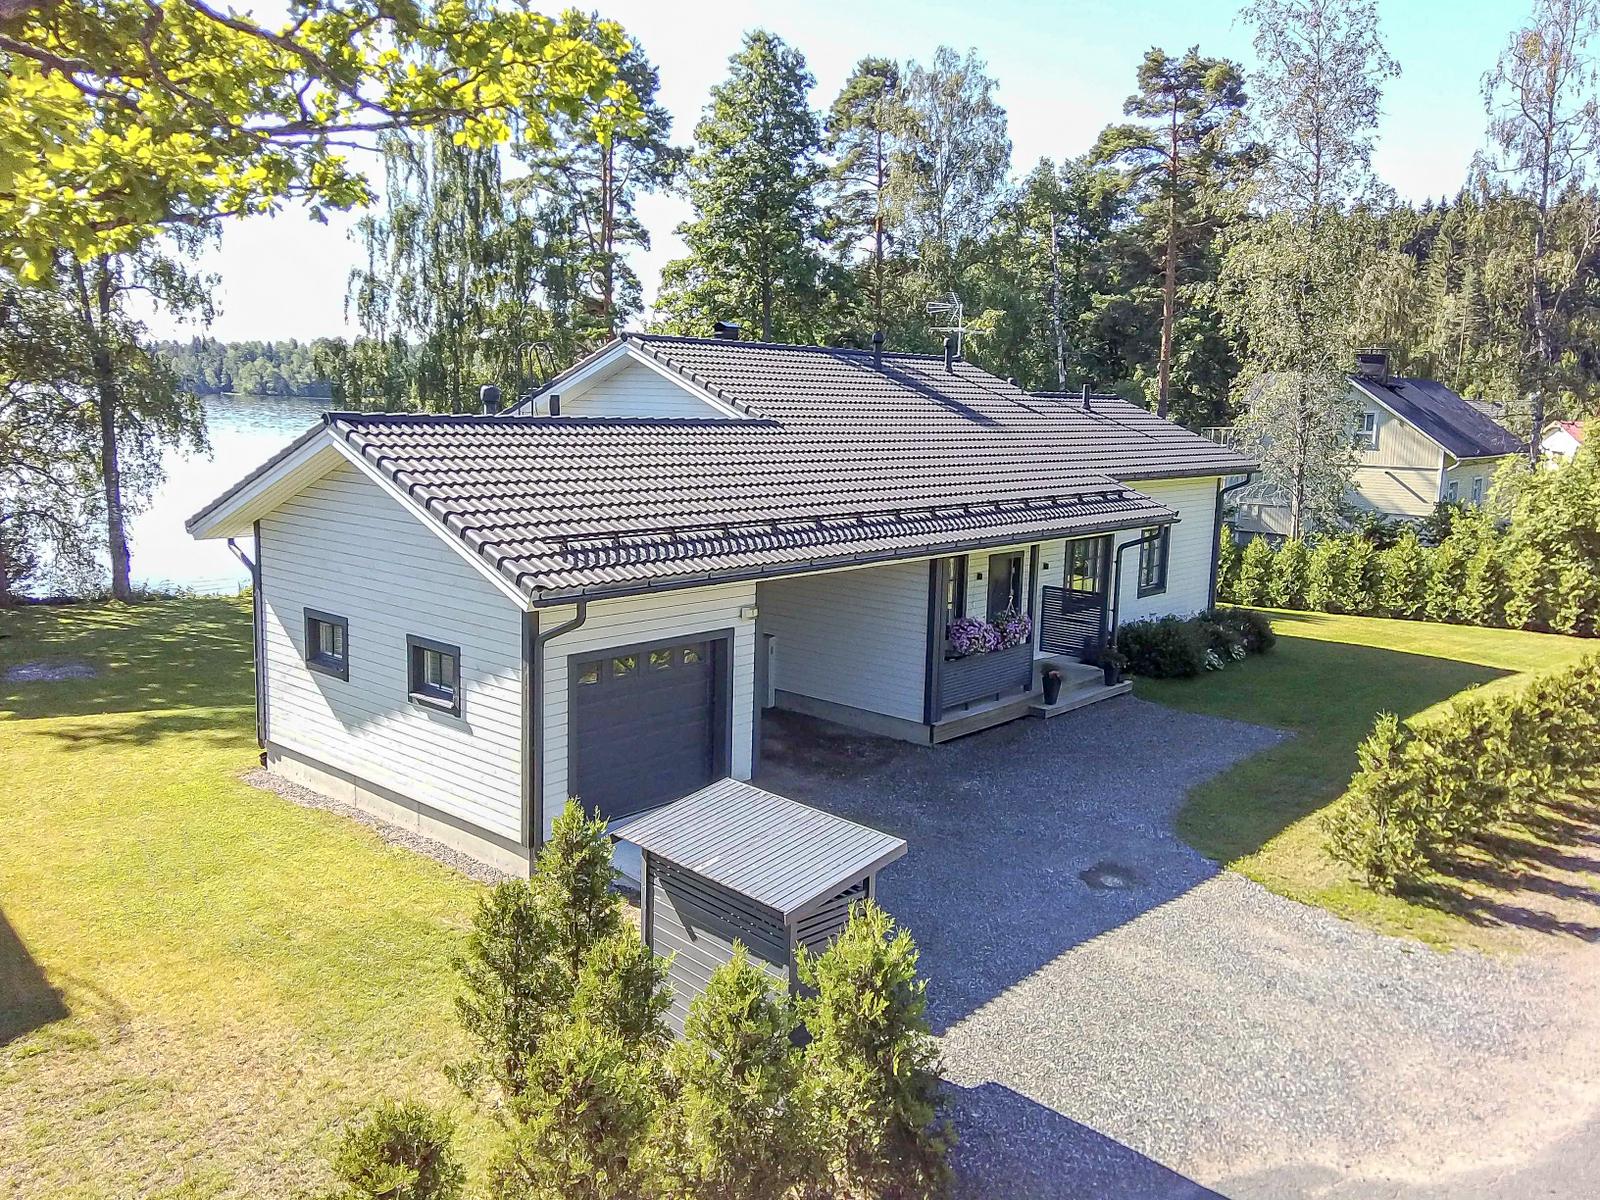 Kytölä, Lahti